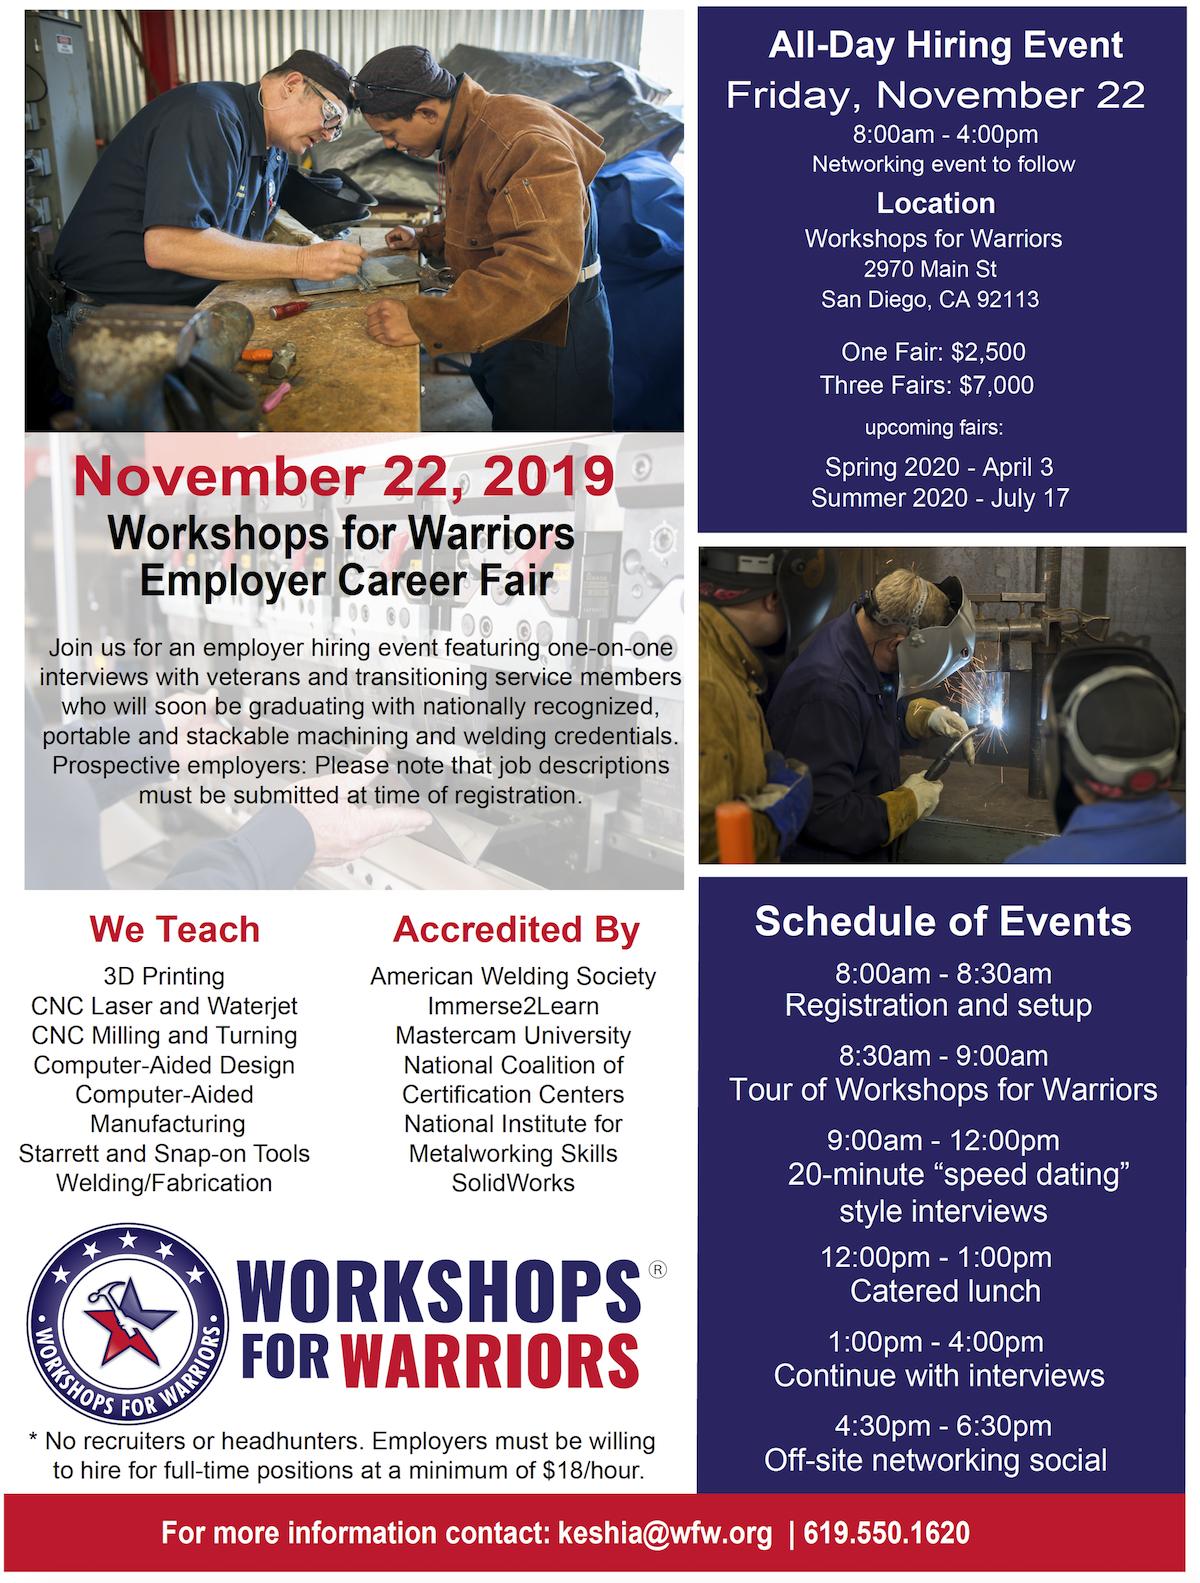 Employer Career Fair – Workshops For Warriors